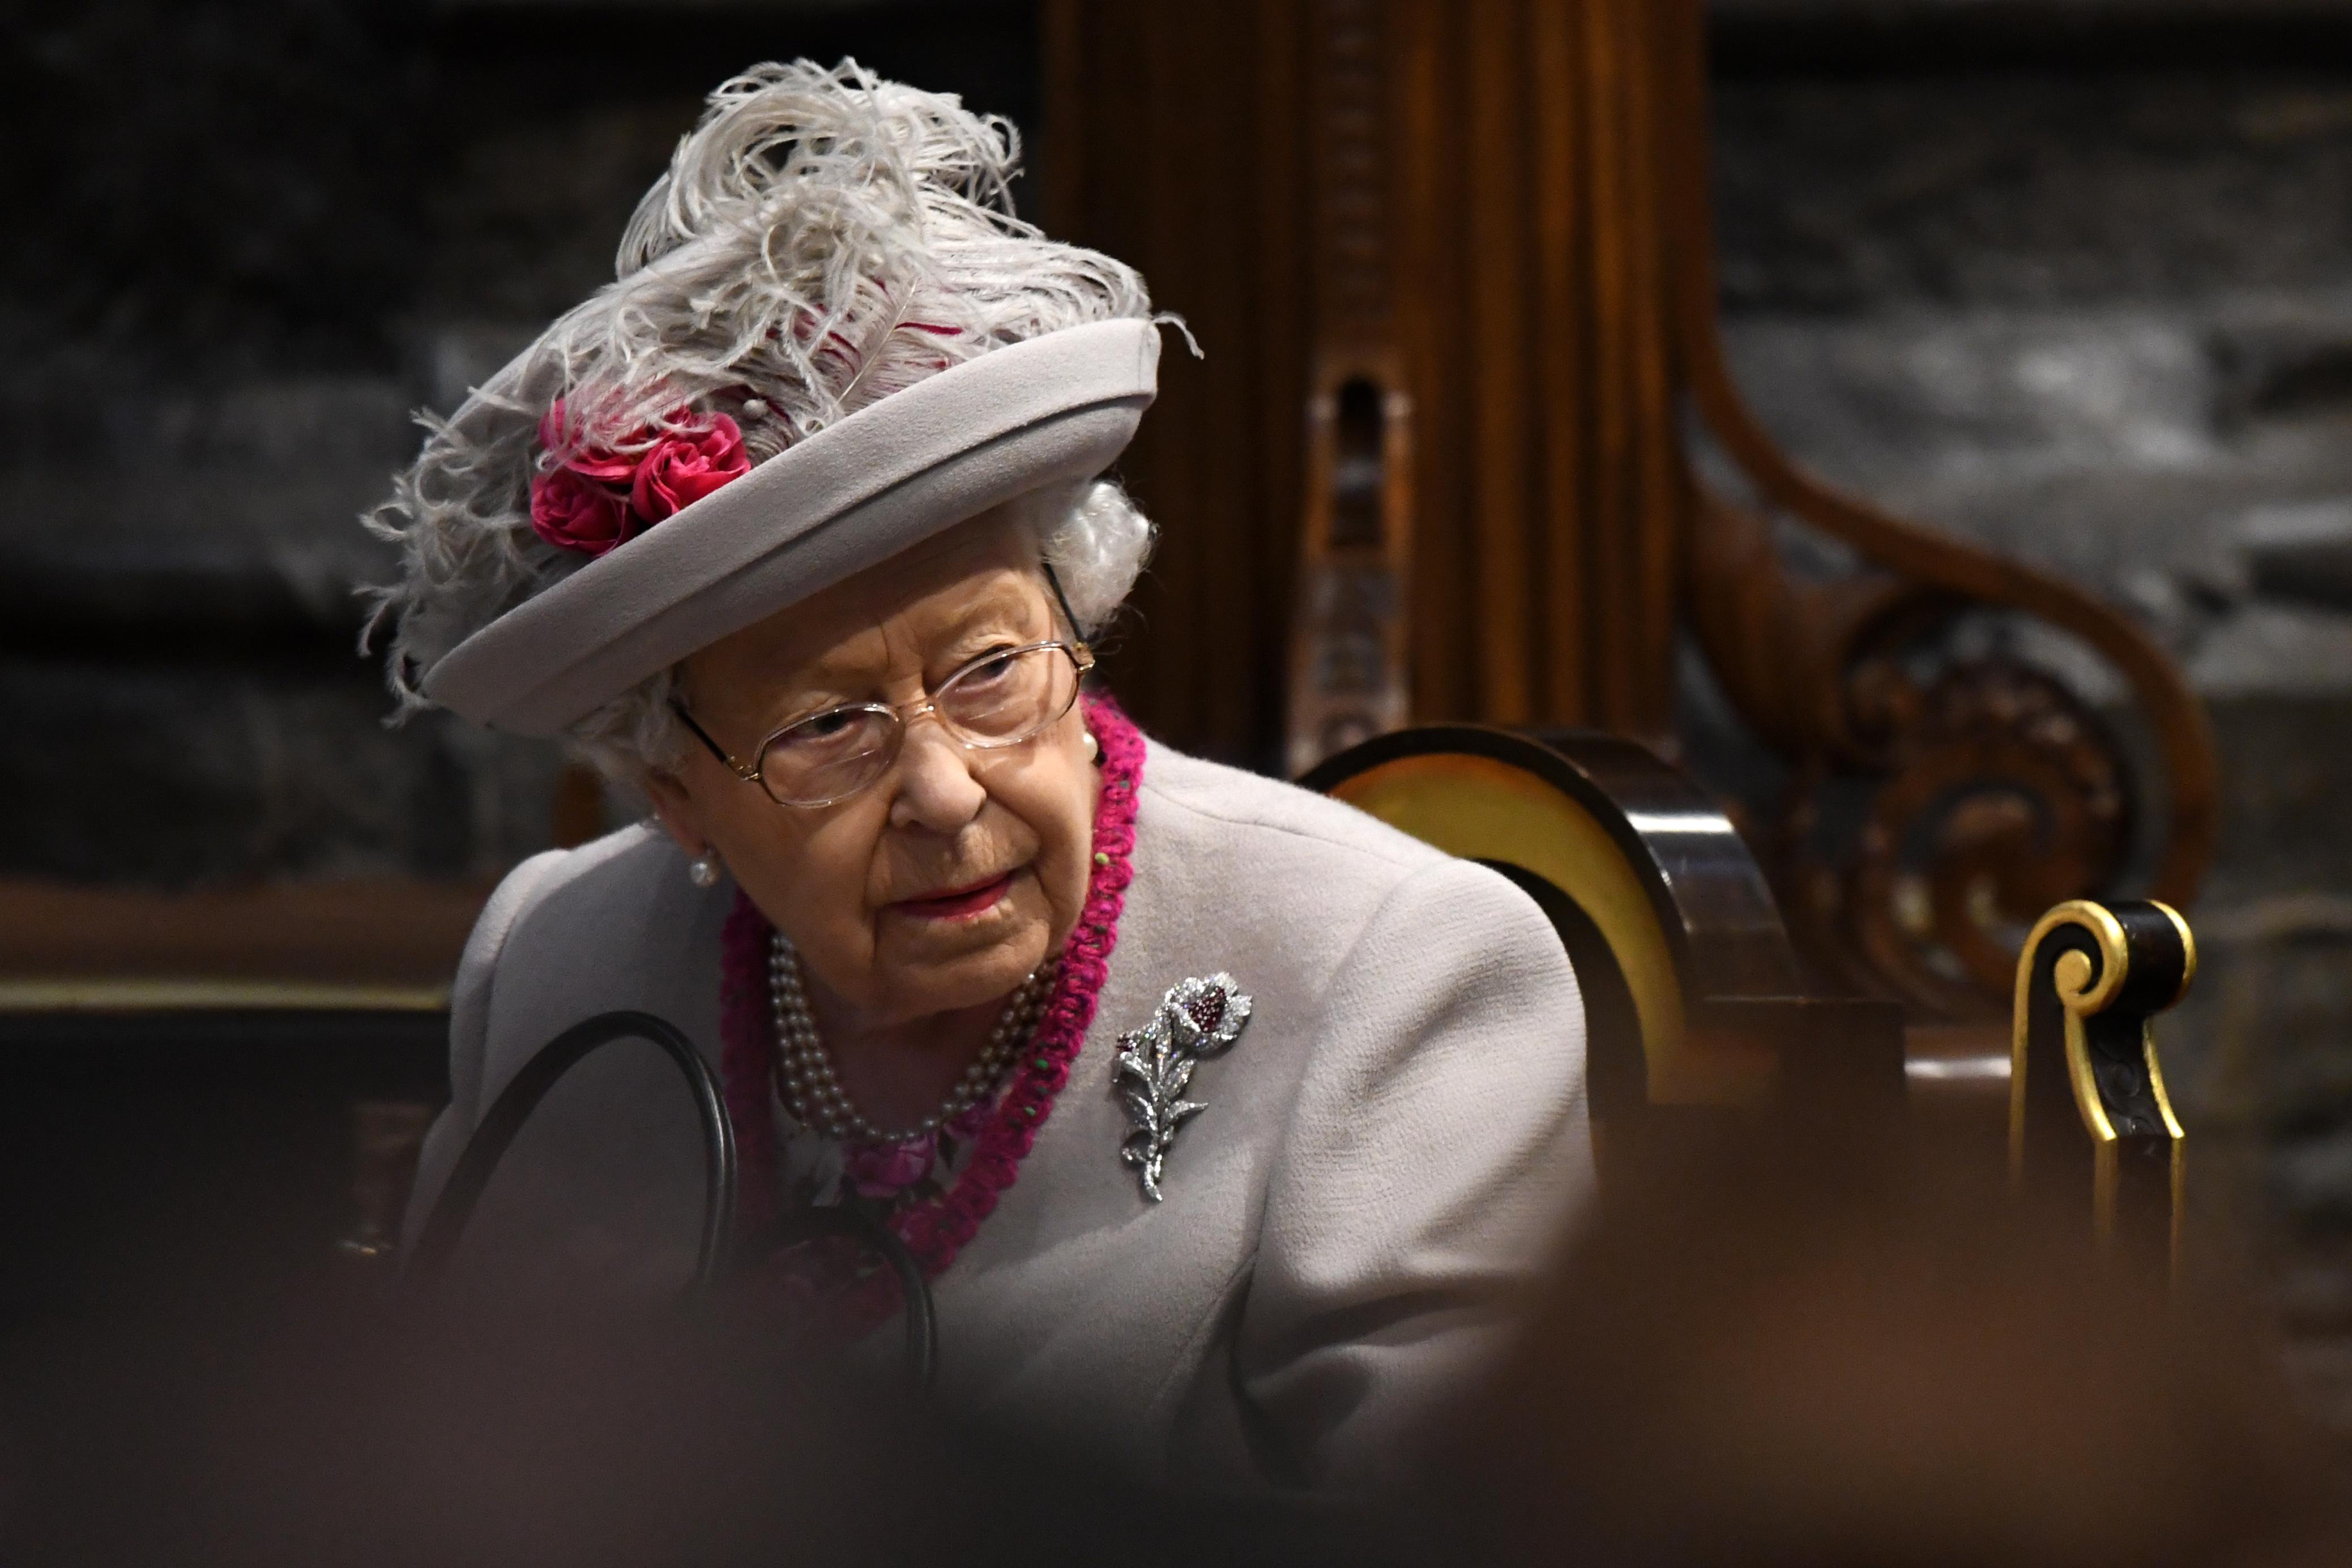 Guardian: színes bőrű ember nem lehetett hivatalnok II. Erzsébet  királynő udvarában